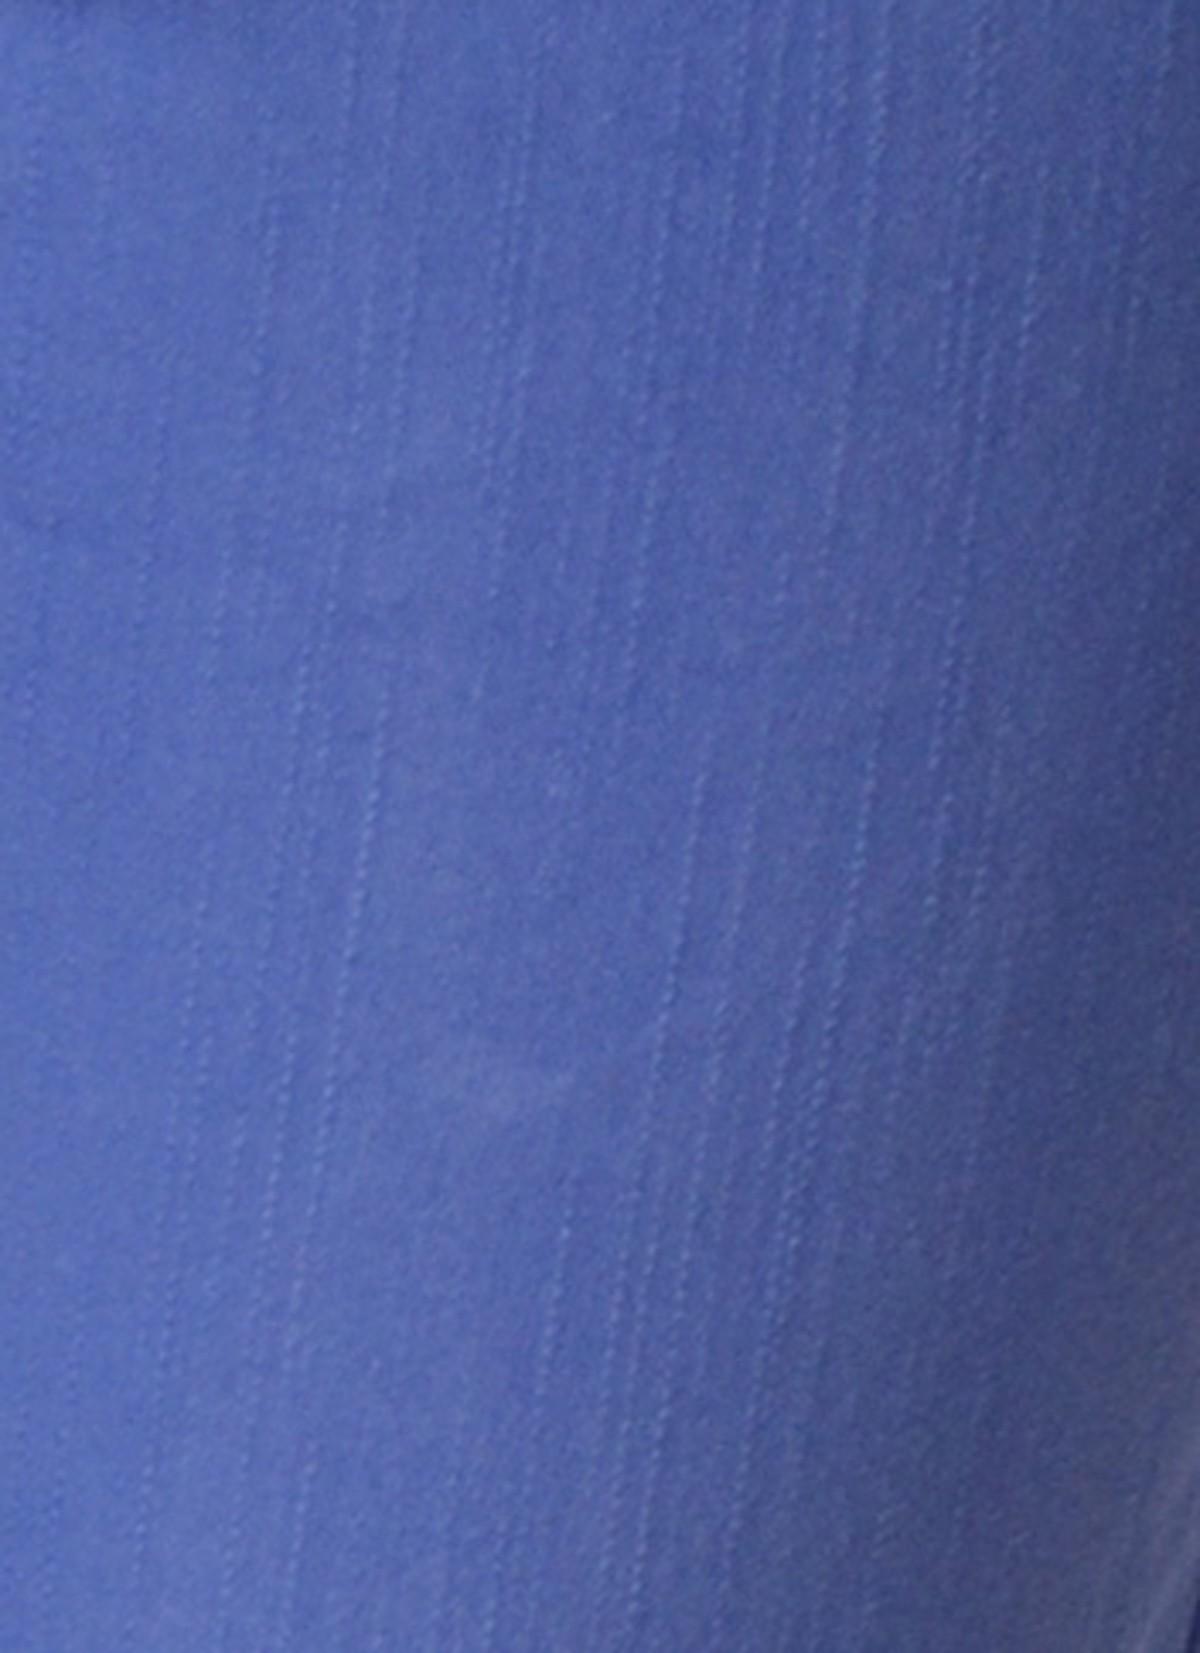 pantaloni dama mov deschis 6305